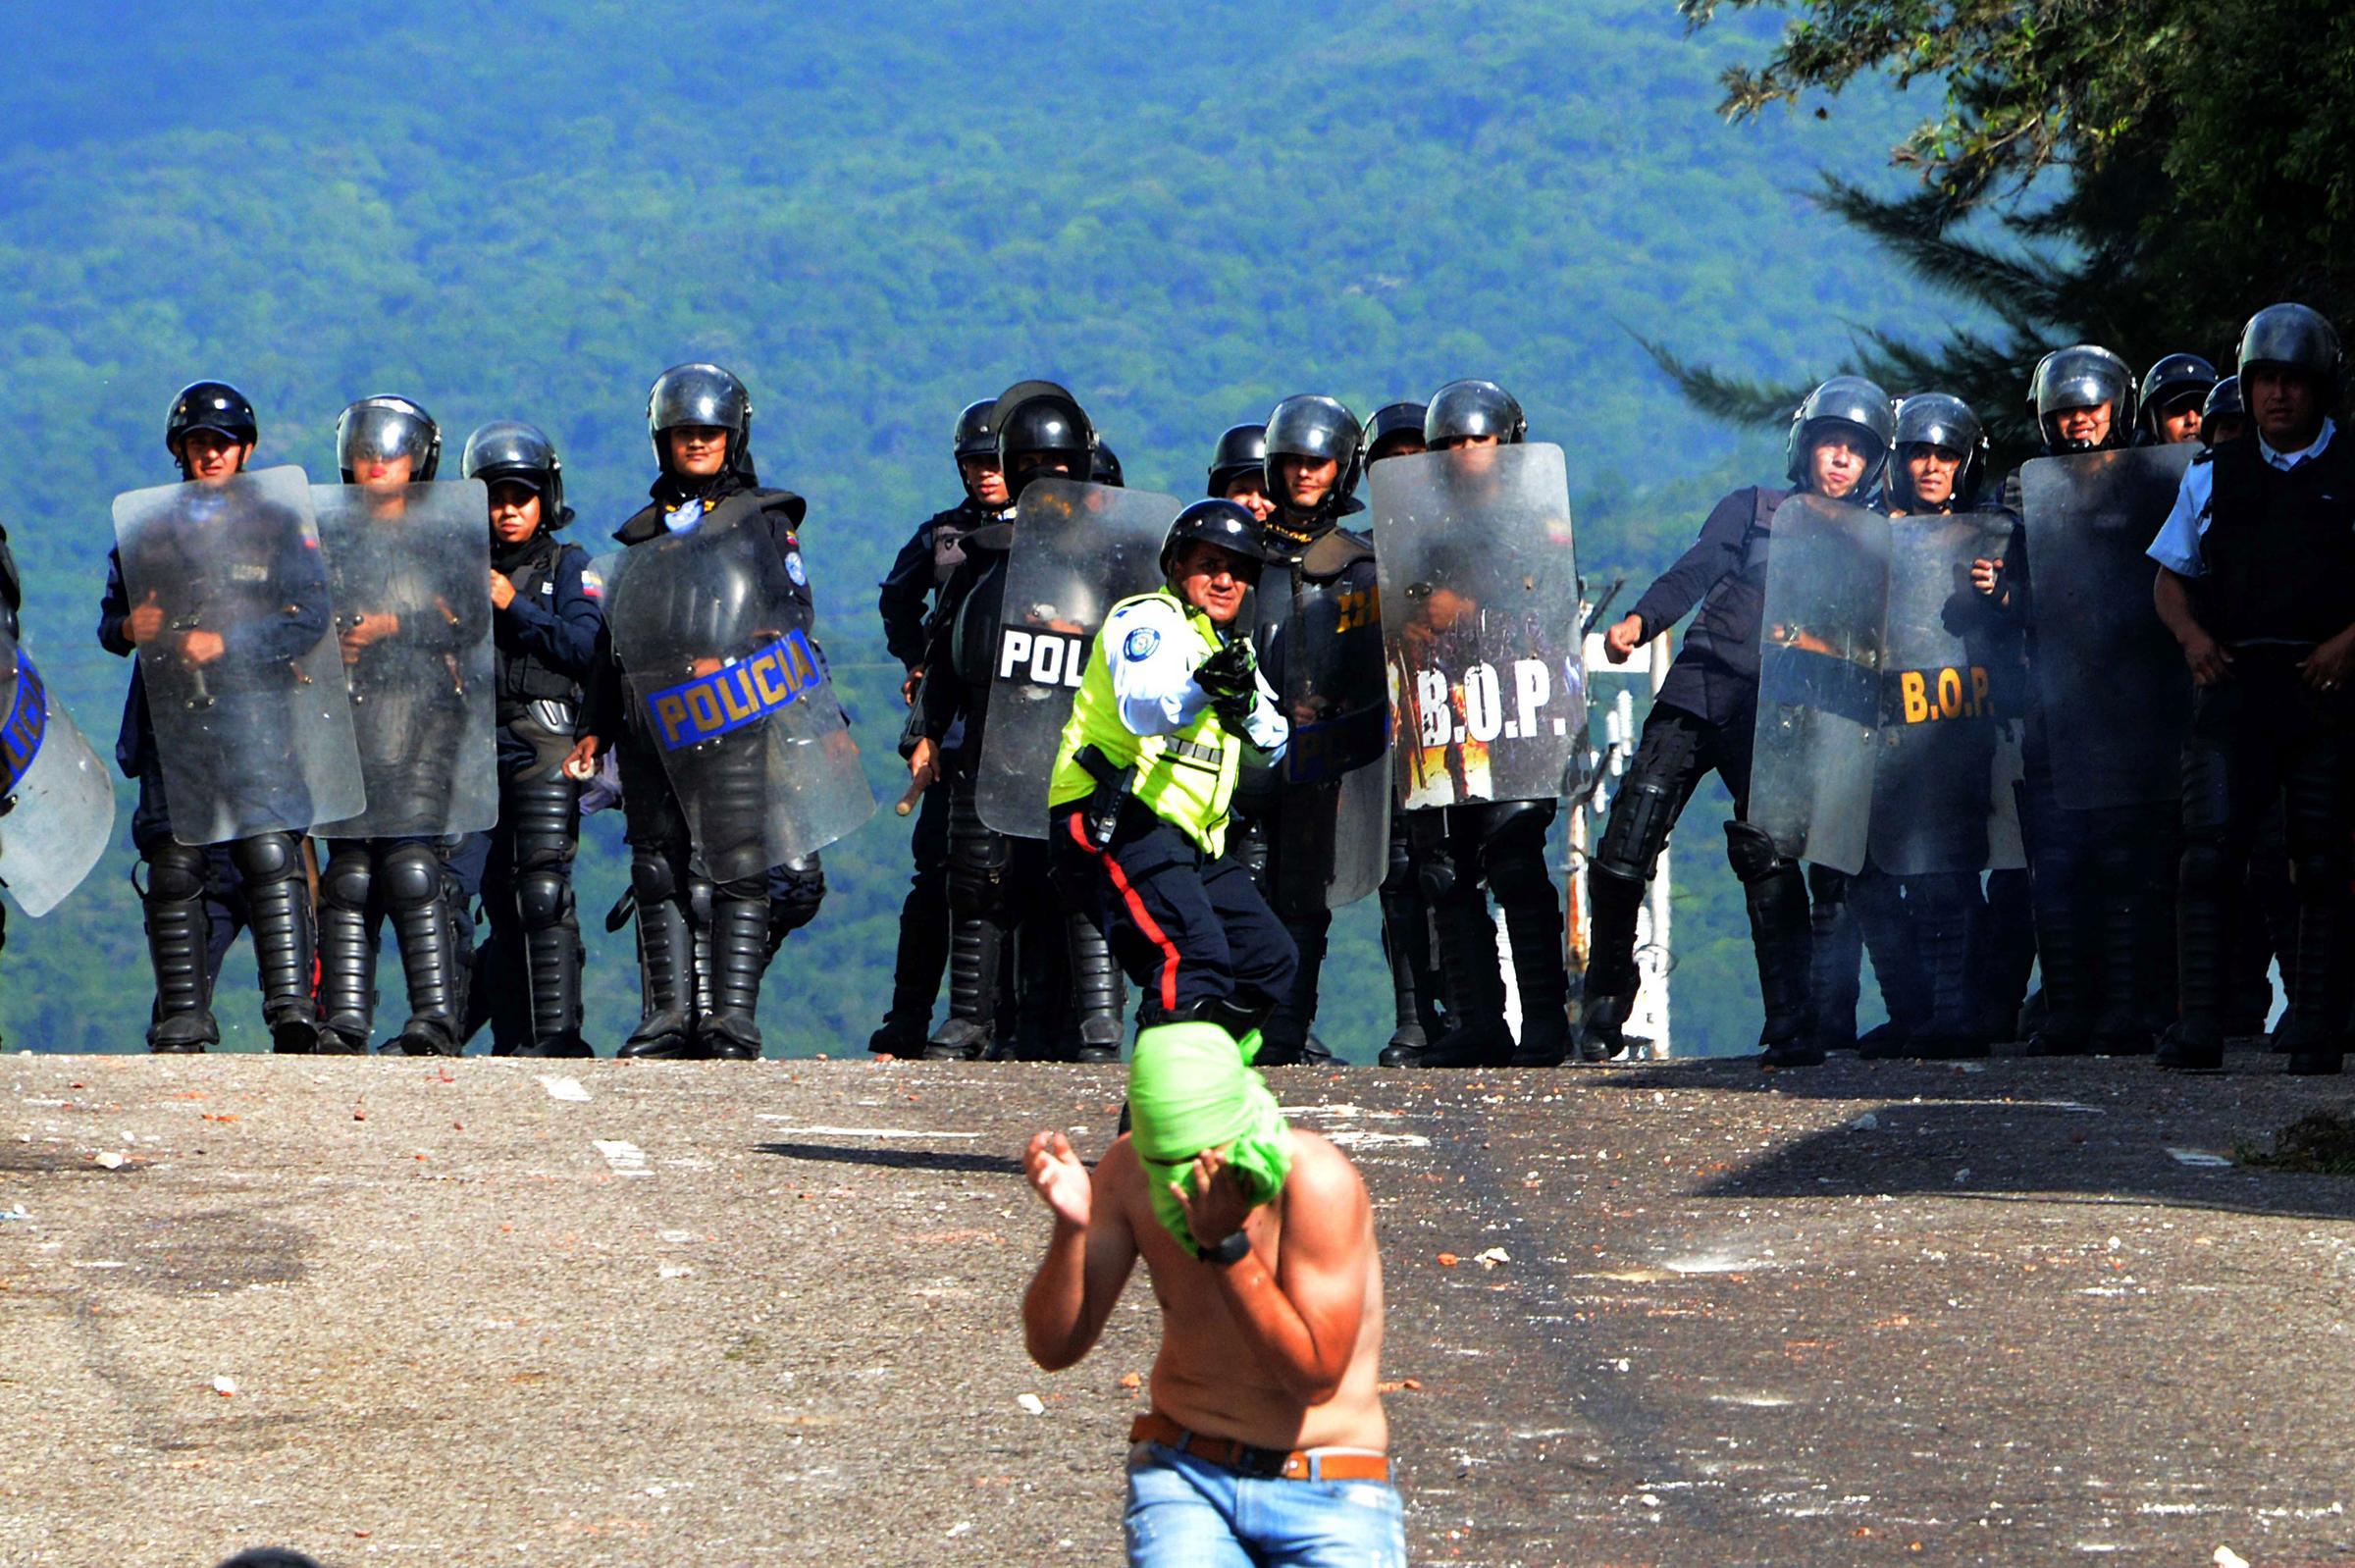 Venezuela Opposition Votes To Put Maduro On Trial